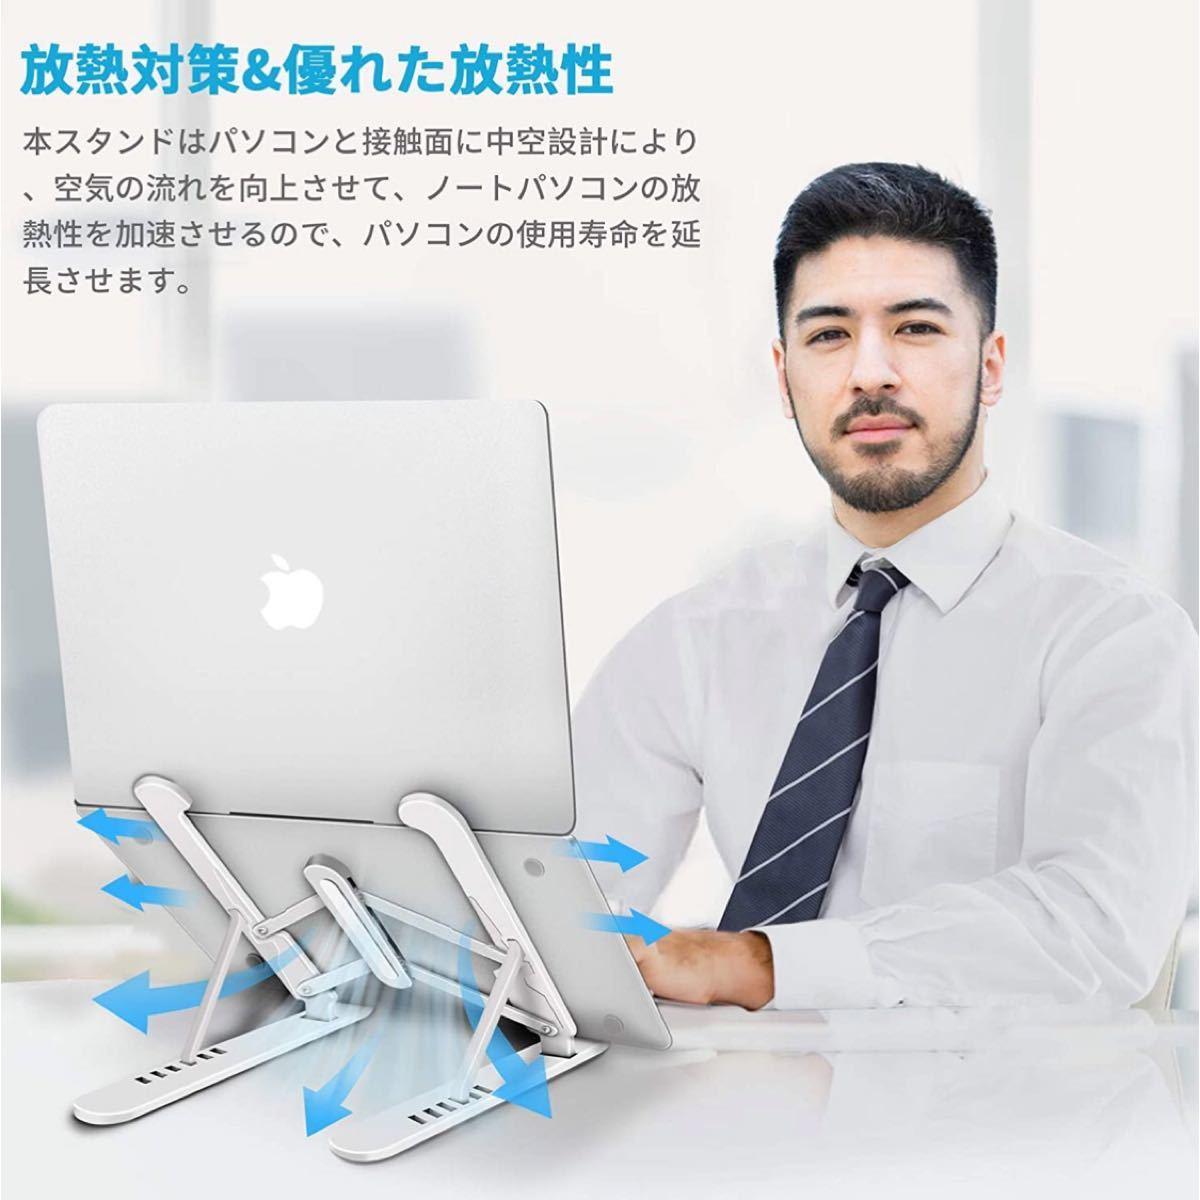 ノートパソコン スタンド PCスタンド タブレットスタンド スマホスタンド 携帯